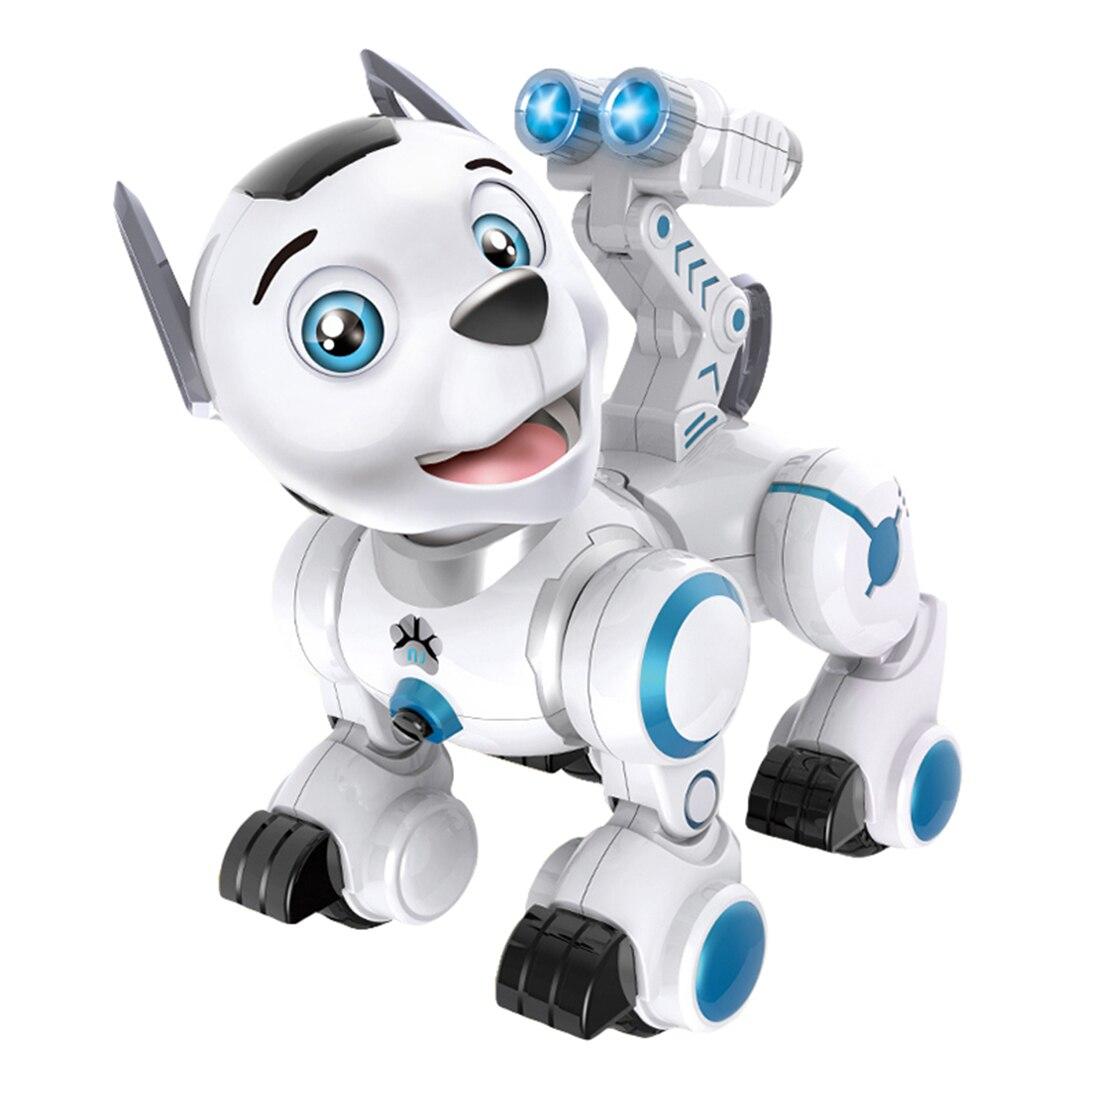 Enfants Tôt Éducation Pet Chien Intelligent RC Robot Intelligent Patrouille Jouet Pour Chien avec Danse Clin D'oeil pour Enfant Cadeau D'anniversaire